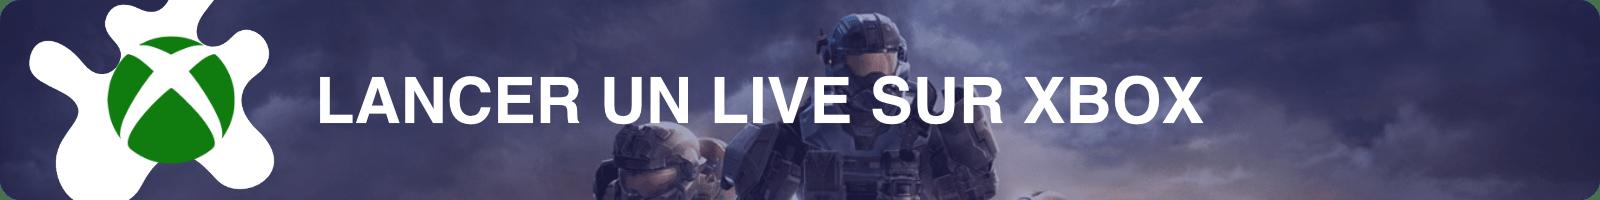 Iniciar un Twitch en vivo en Xbox